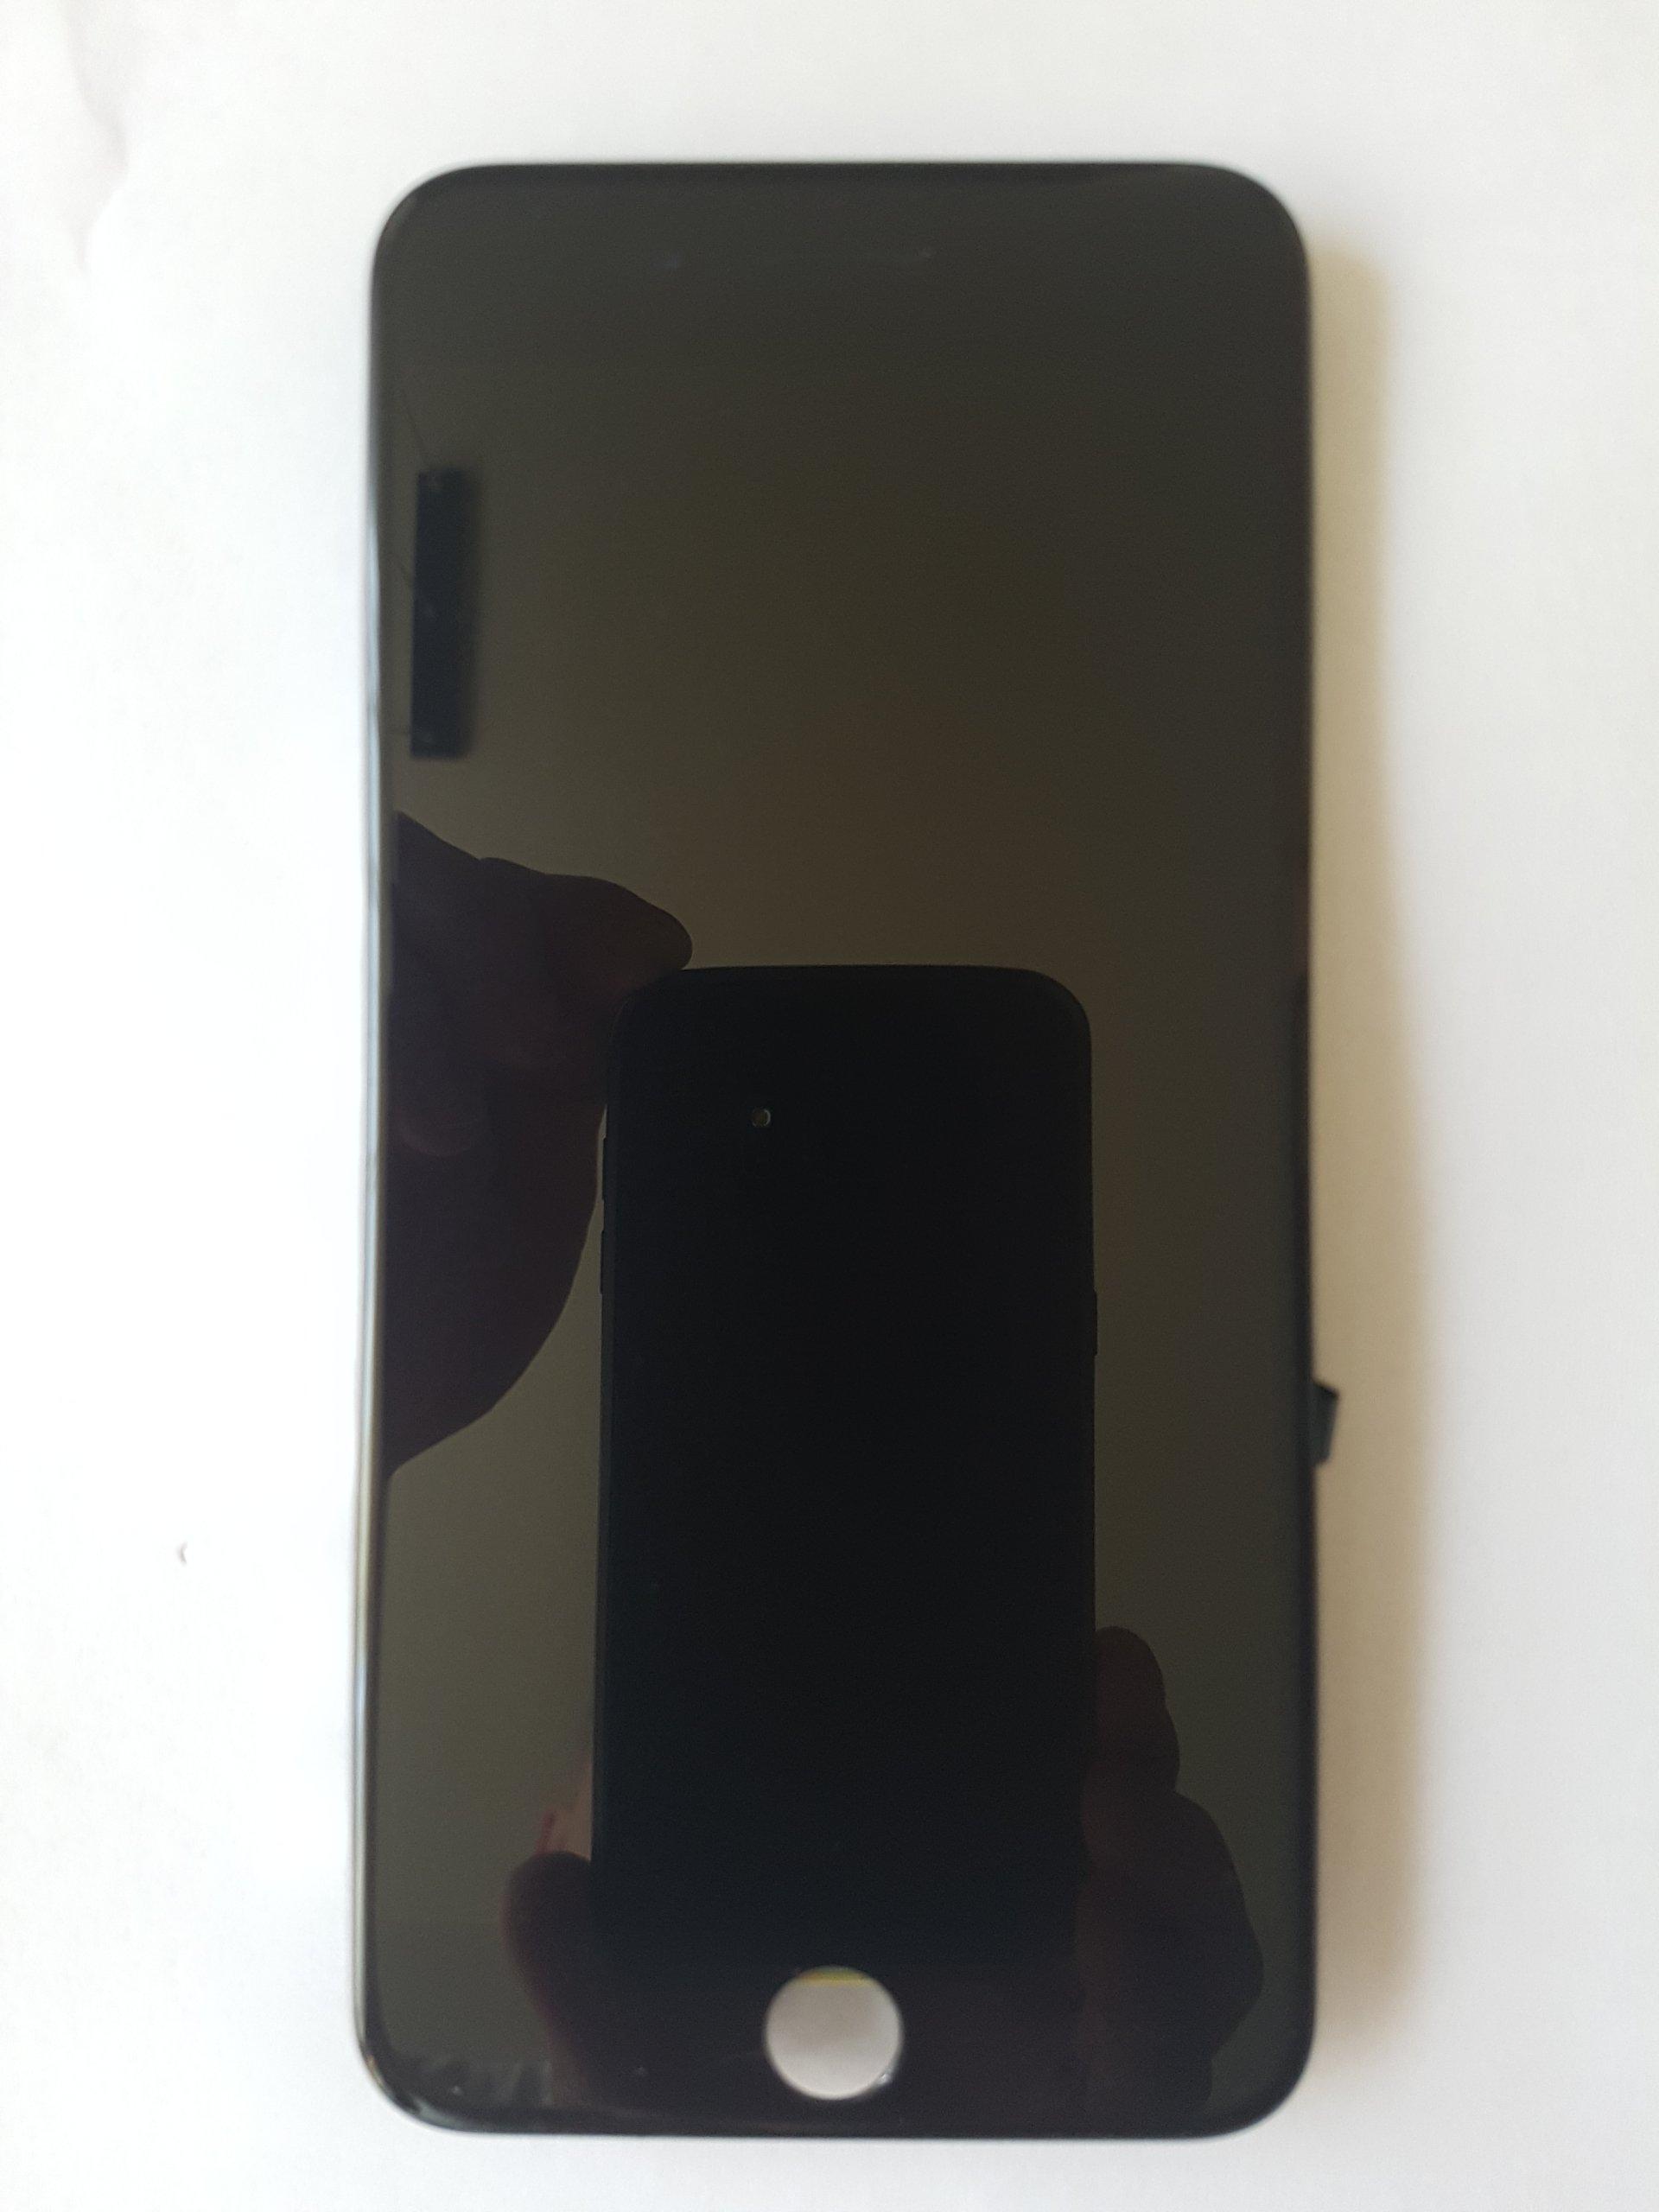 Wyświetlacz LCD iPhone 7 PLUS ORYGINAŁ grad A-